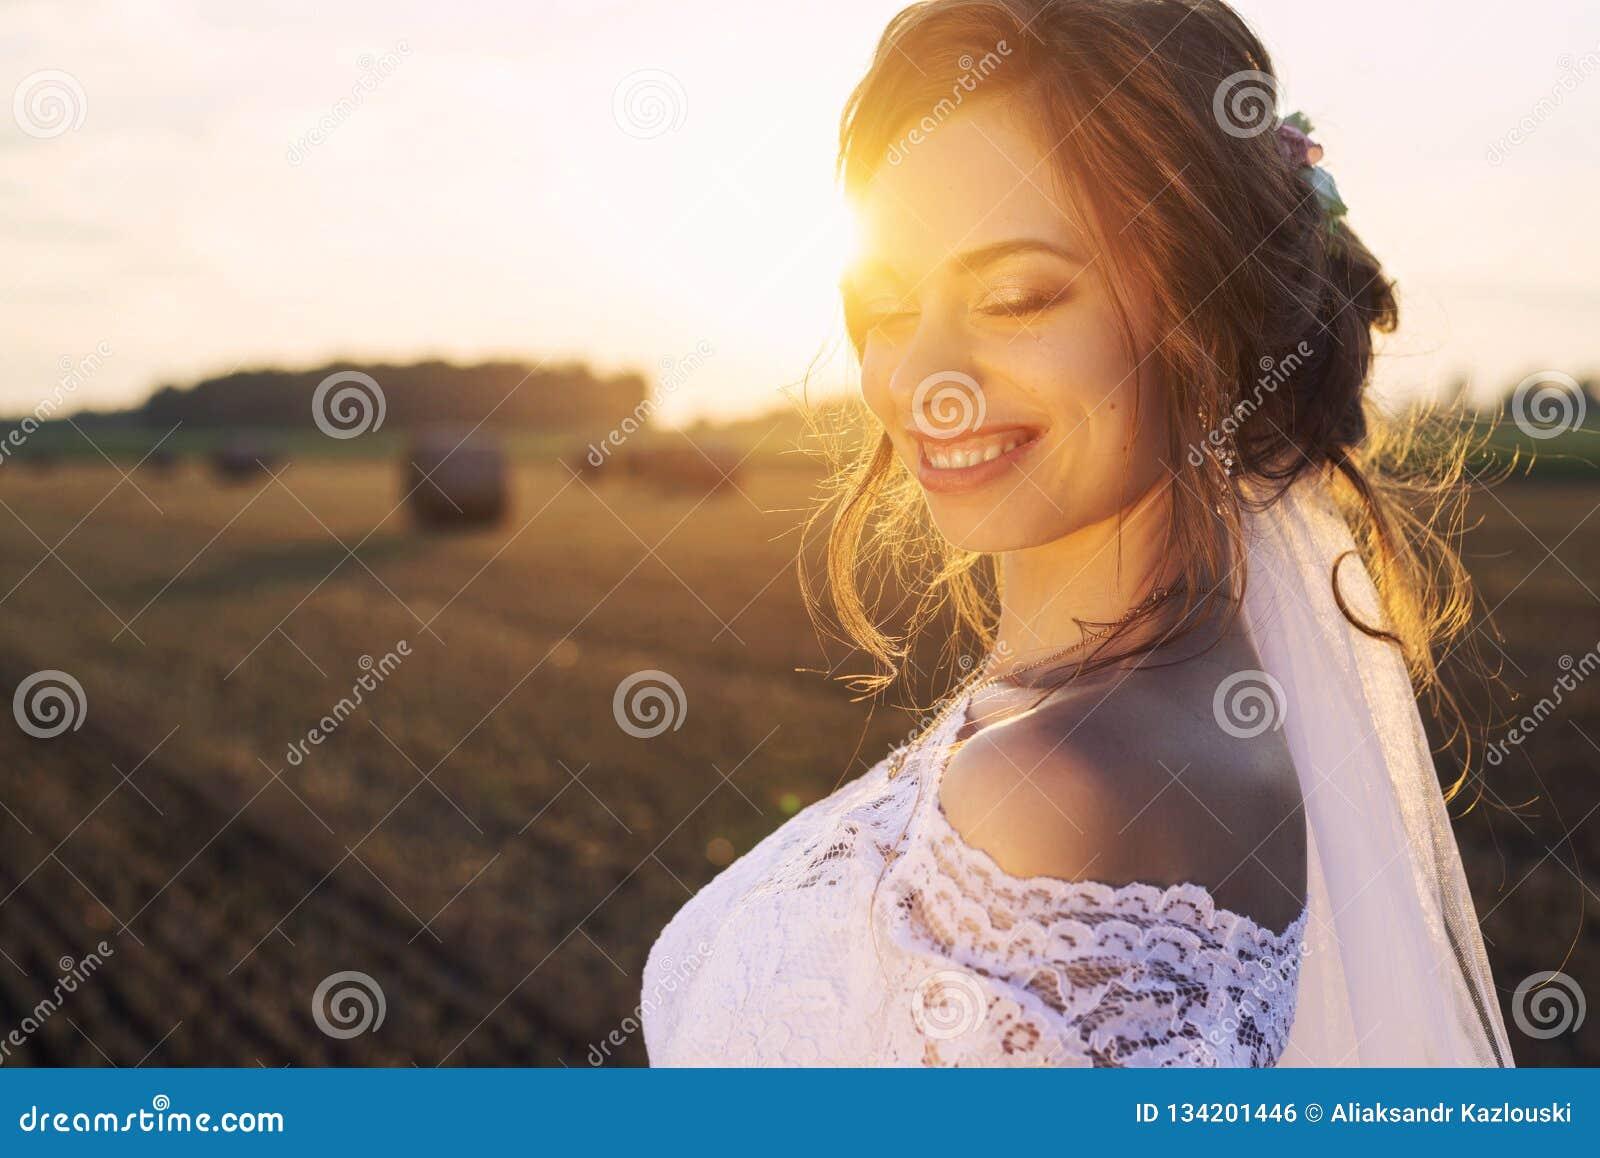 Piękna panna młoda w koronkowej sukni jest uśmiechnięta na tle natura